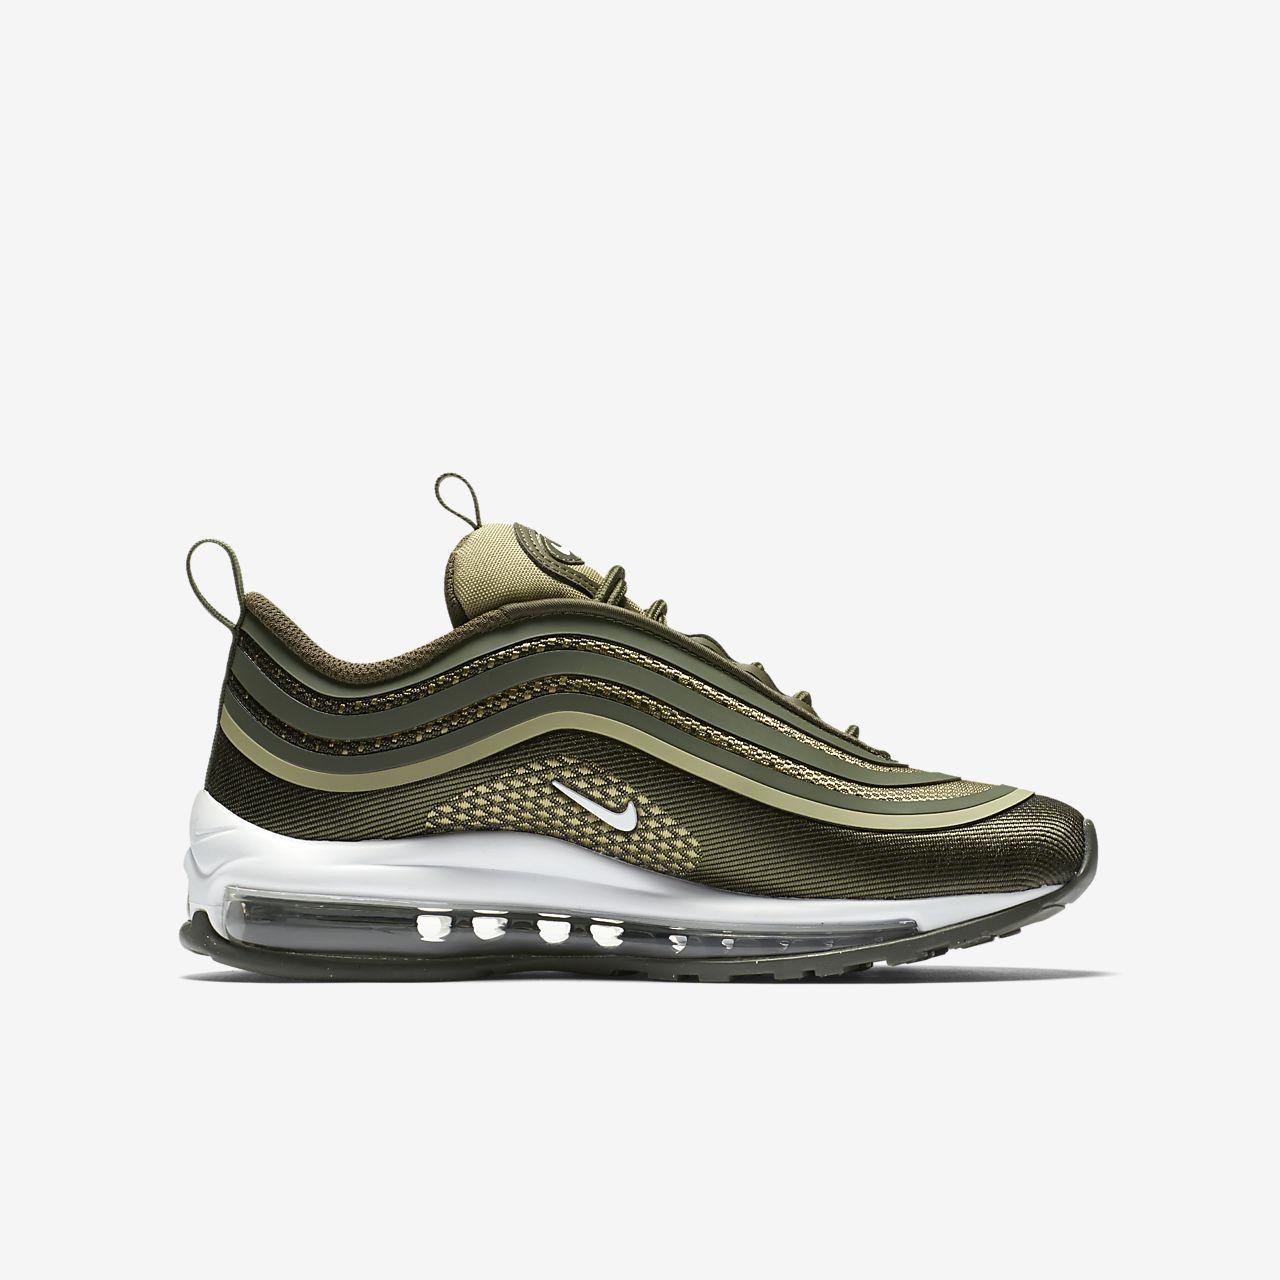 air max scarpe 97